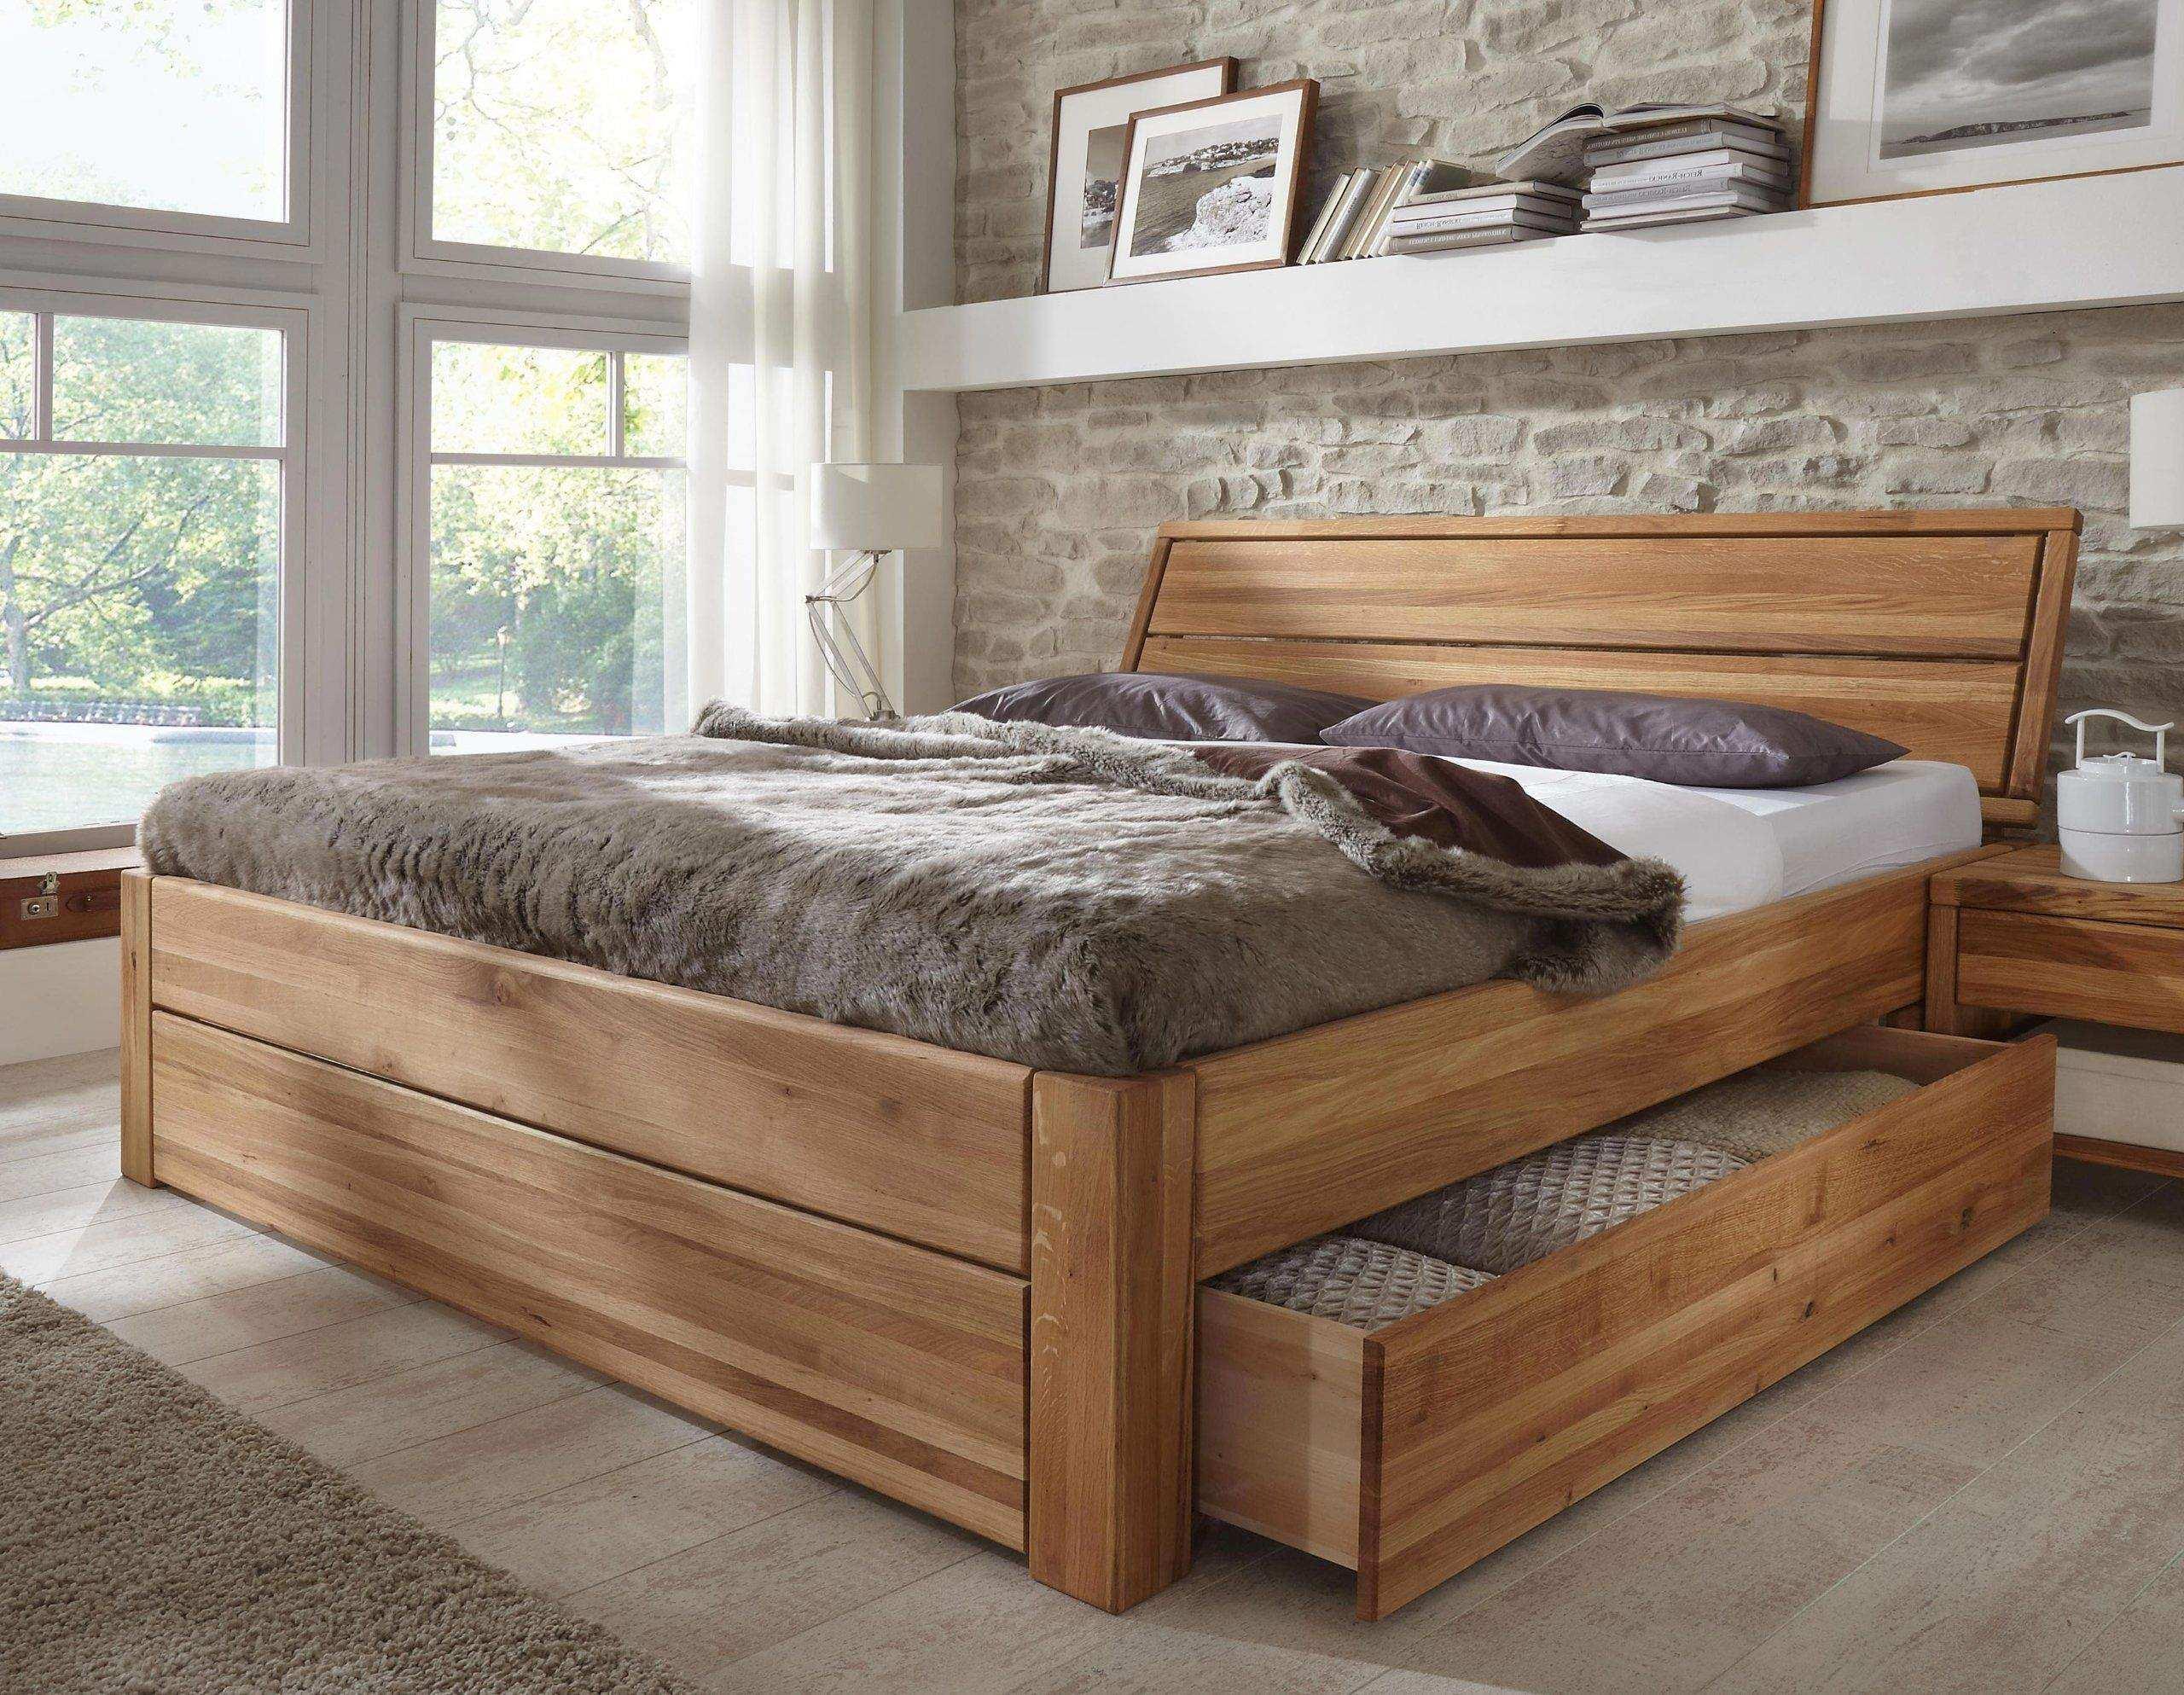 двуспальная кровать из массива дерева